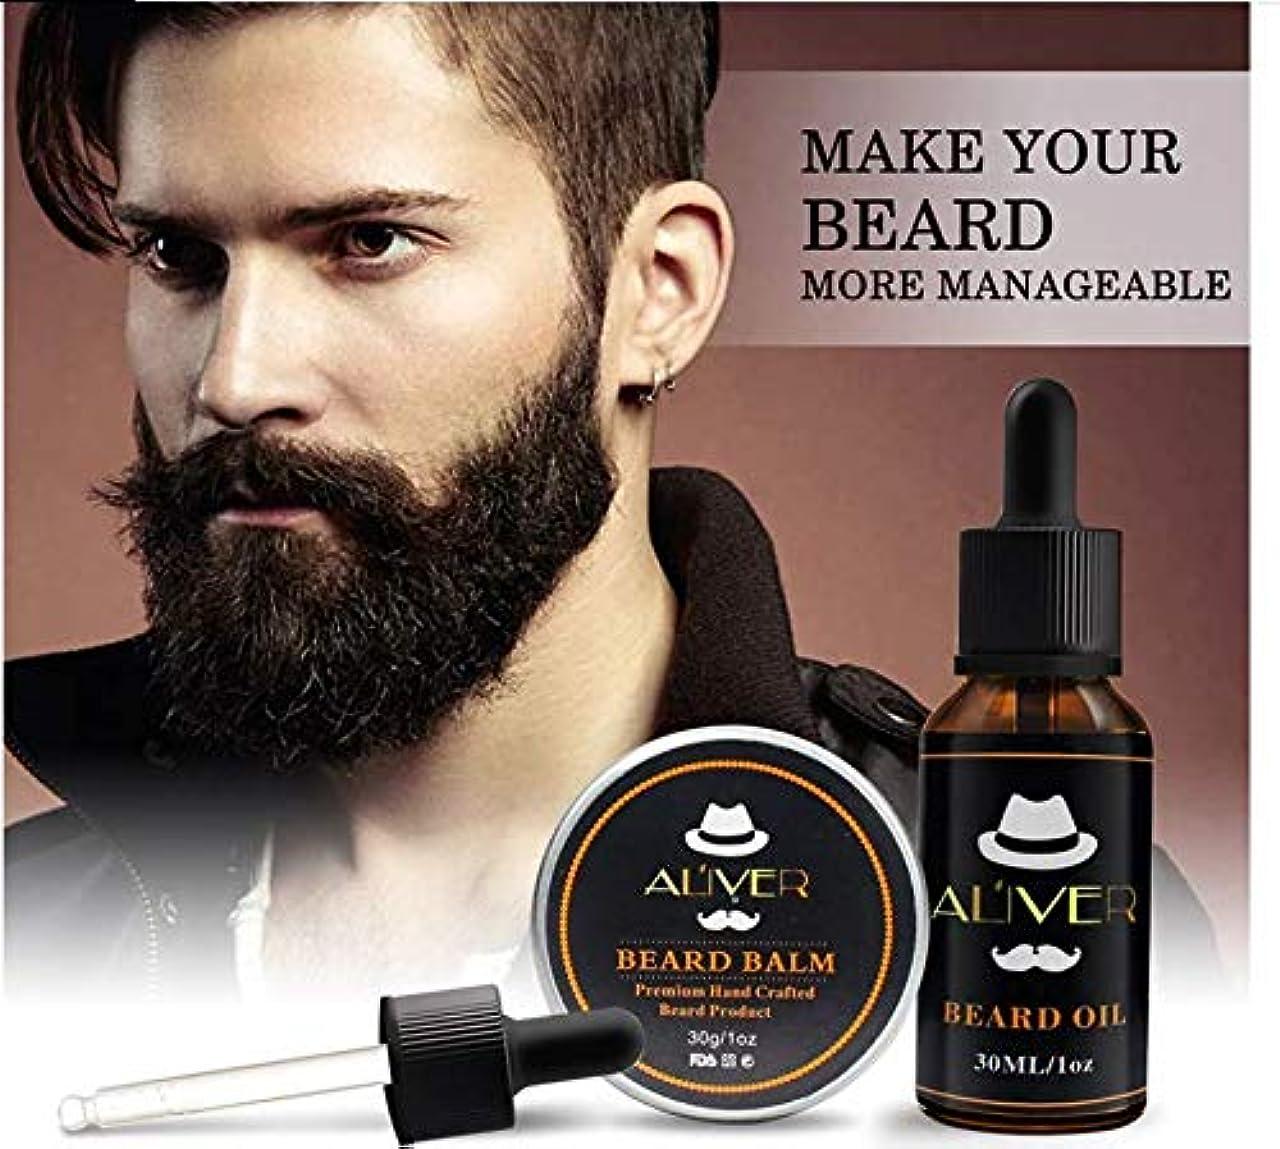 制限お金ミキサー男性用2本セット - 30グラムビアードバーム+ 30ミリリットルビアードオイル - 健康的なあごひげの成長のための強化と厚み (SET of 2 for Men - 30 gr Beard Balm + 30ml Beard Oil - Strengthens and Thickens for Healthy Beard Growth While Argan Oil and Wax Boost Shine and Maintain Hold)